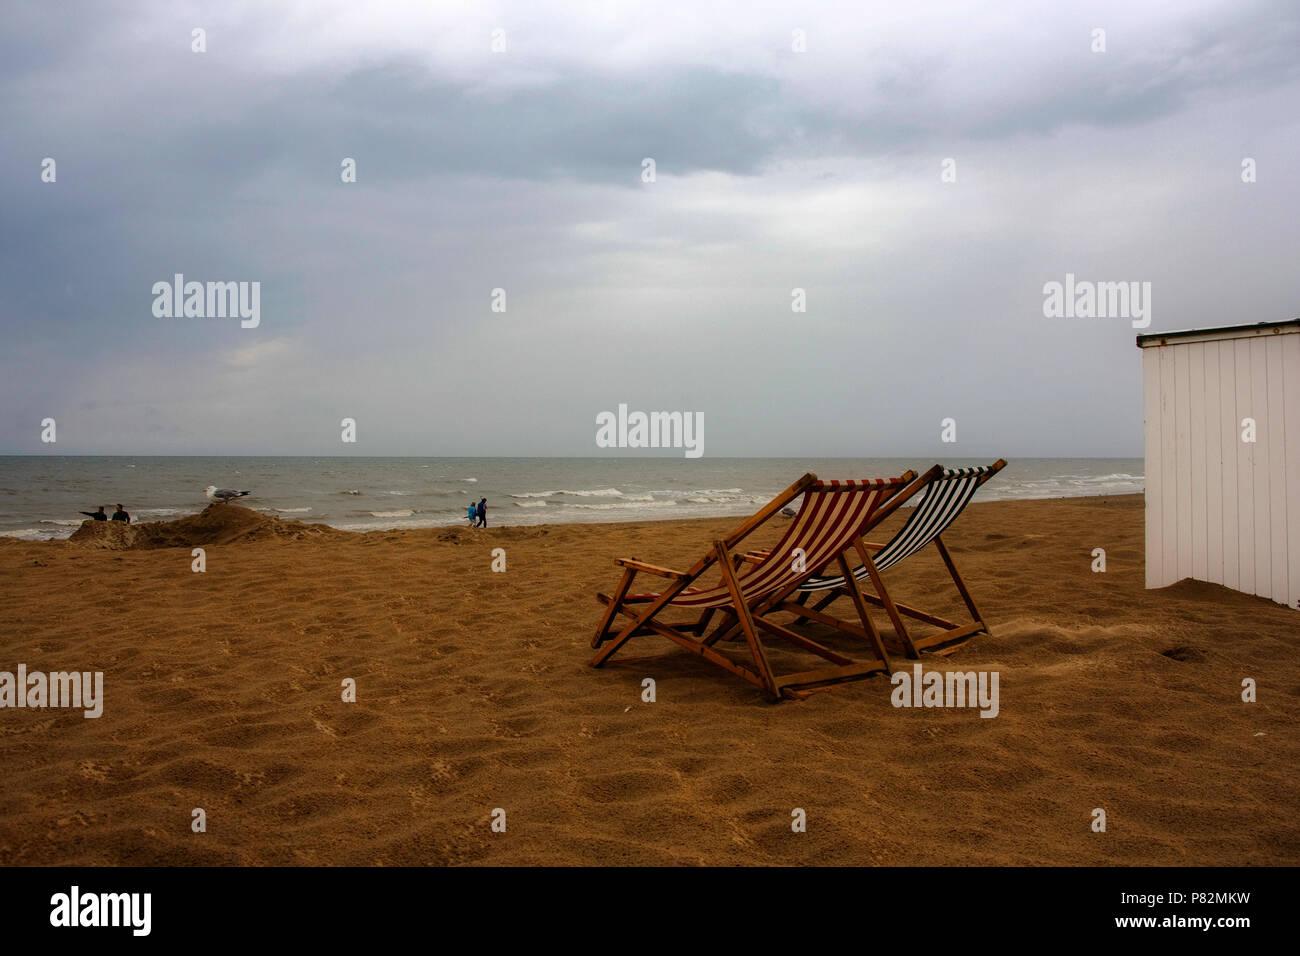 Pro Beach Strandstoel.Strandstoel Stock Photos Strandstoel Stock Images Alamy